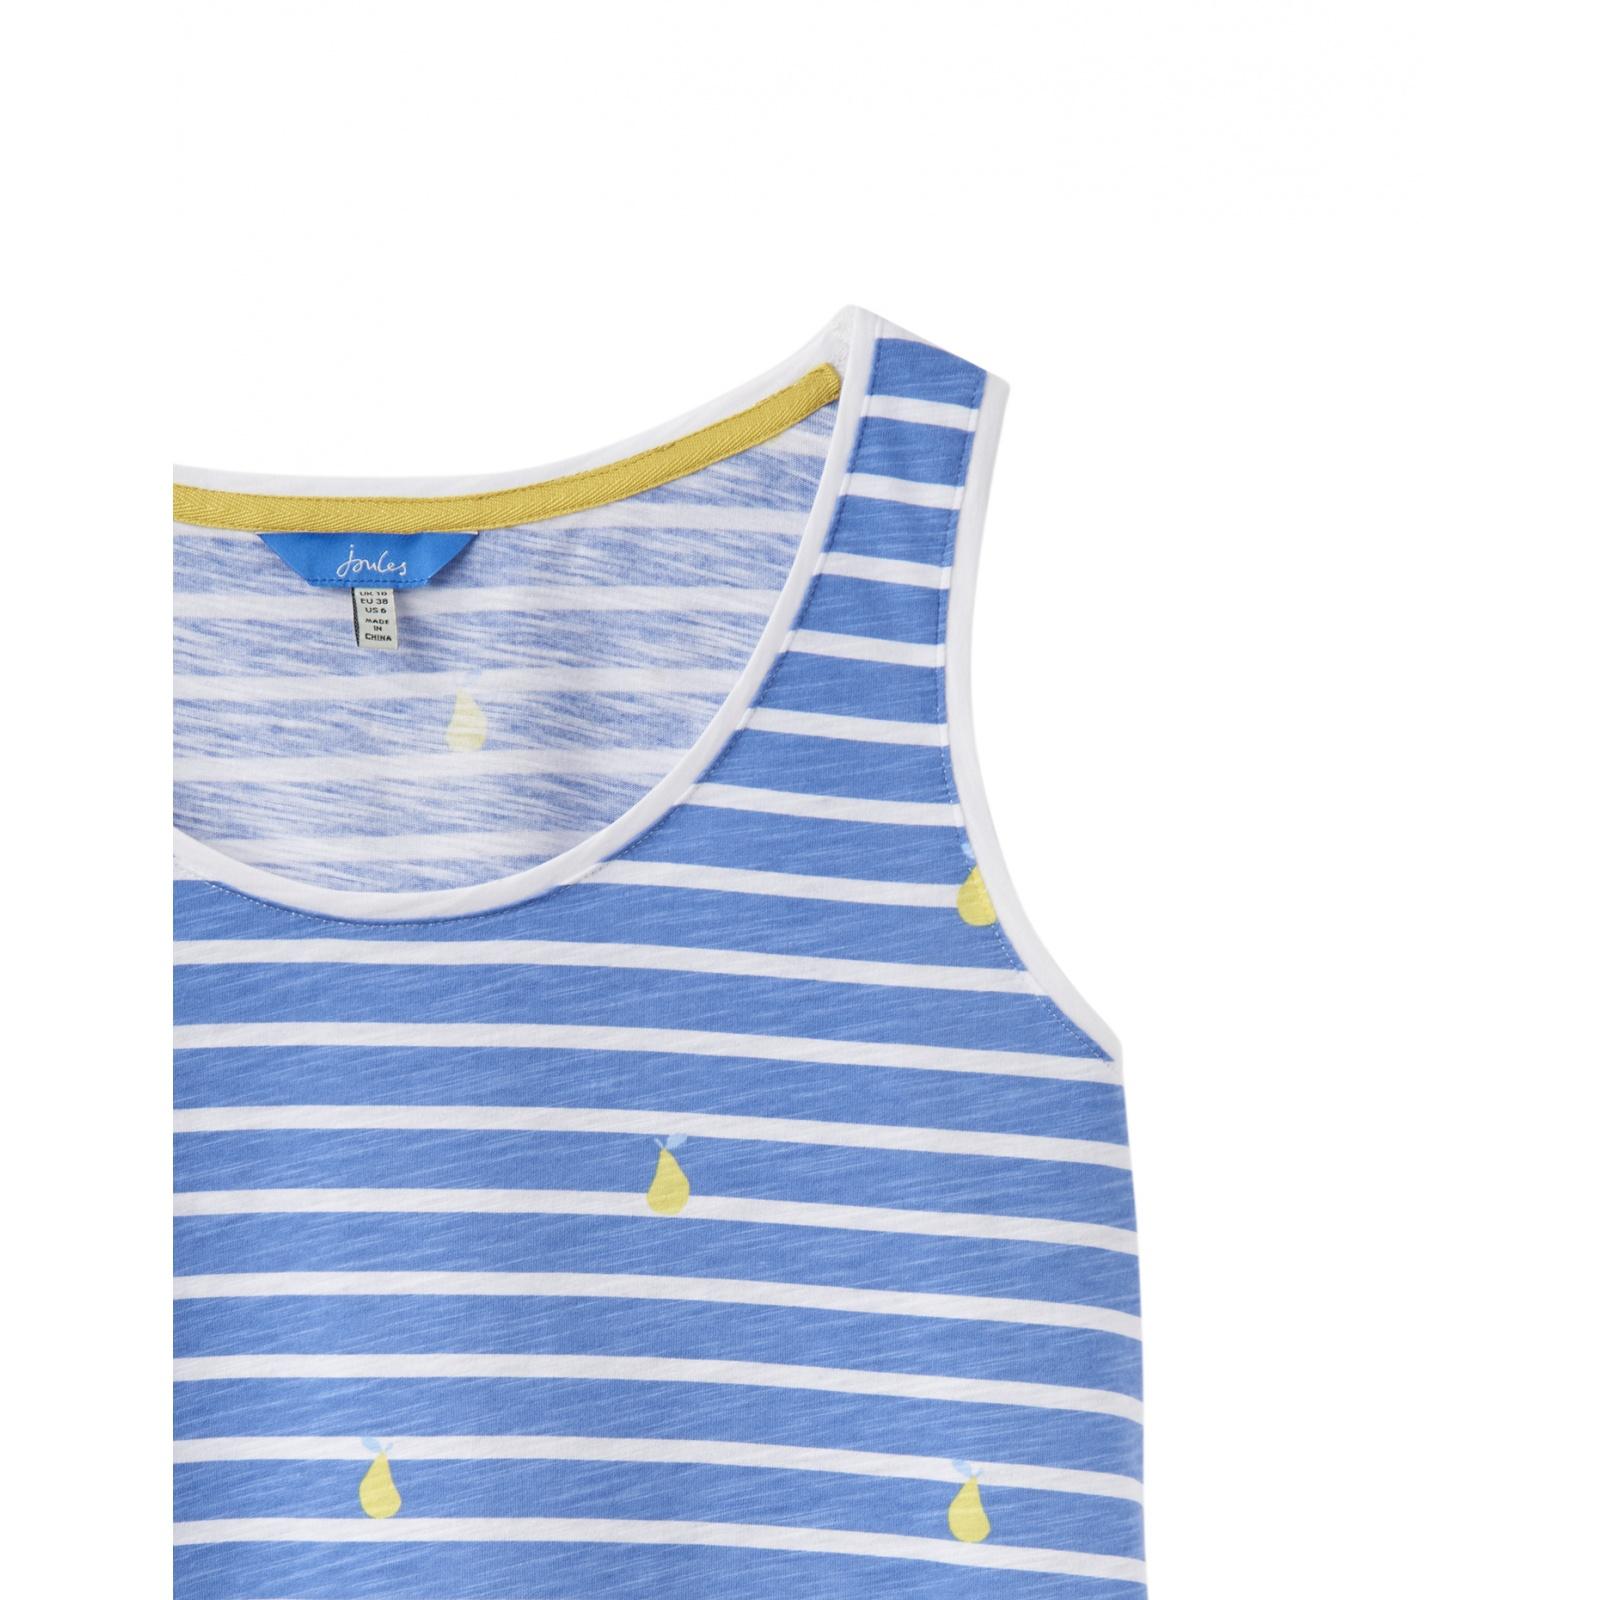 Joules-Bo-impresion-100-Algodon-Jersey-Chaleco-Top-Todos-Los-Colores miniatura 7